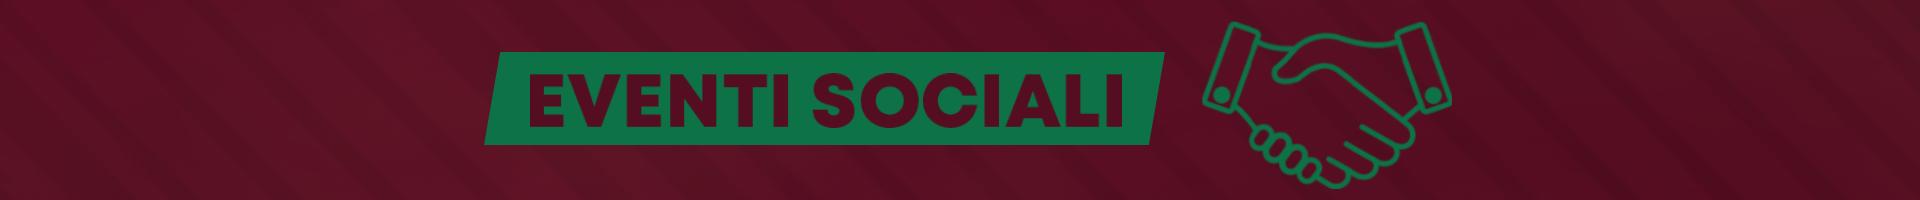 Eventi Sociali